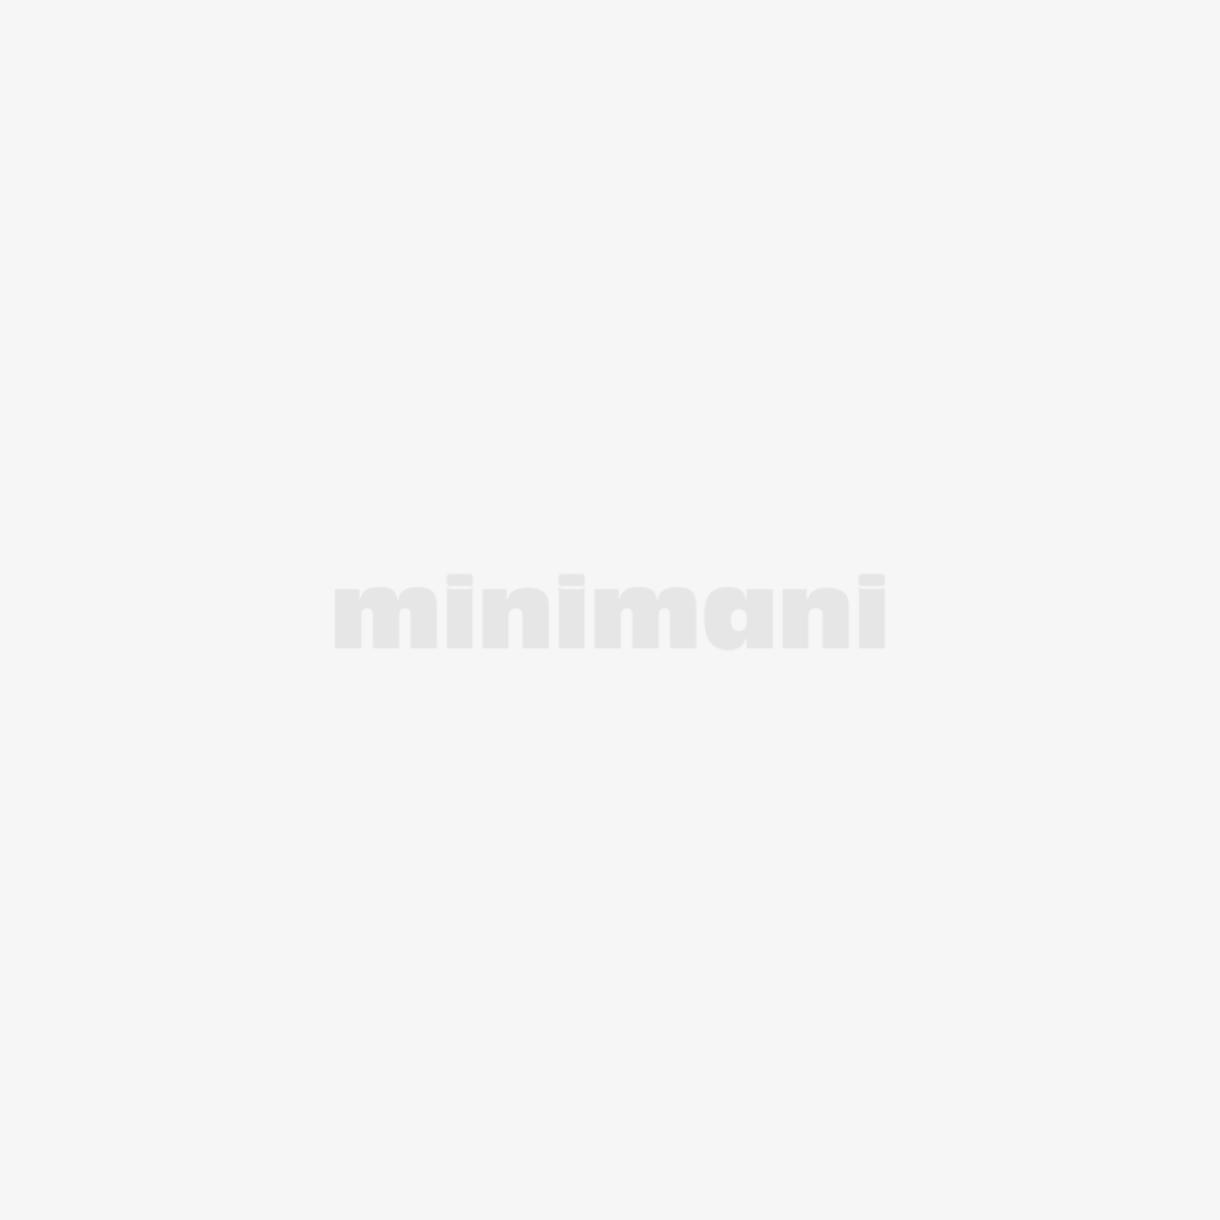 FINNWEAR LASTEN NILKKASUKAT, LIUKKARIT 2-PACK 25-27 6245 PUNAIN